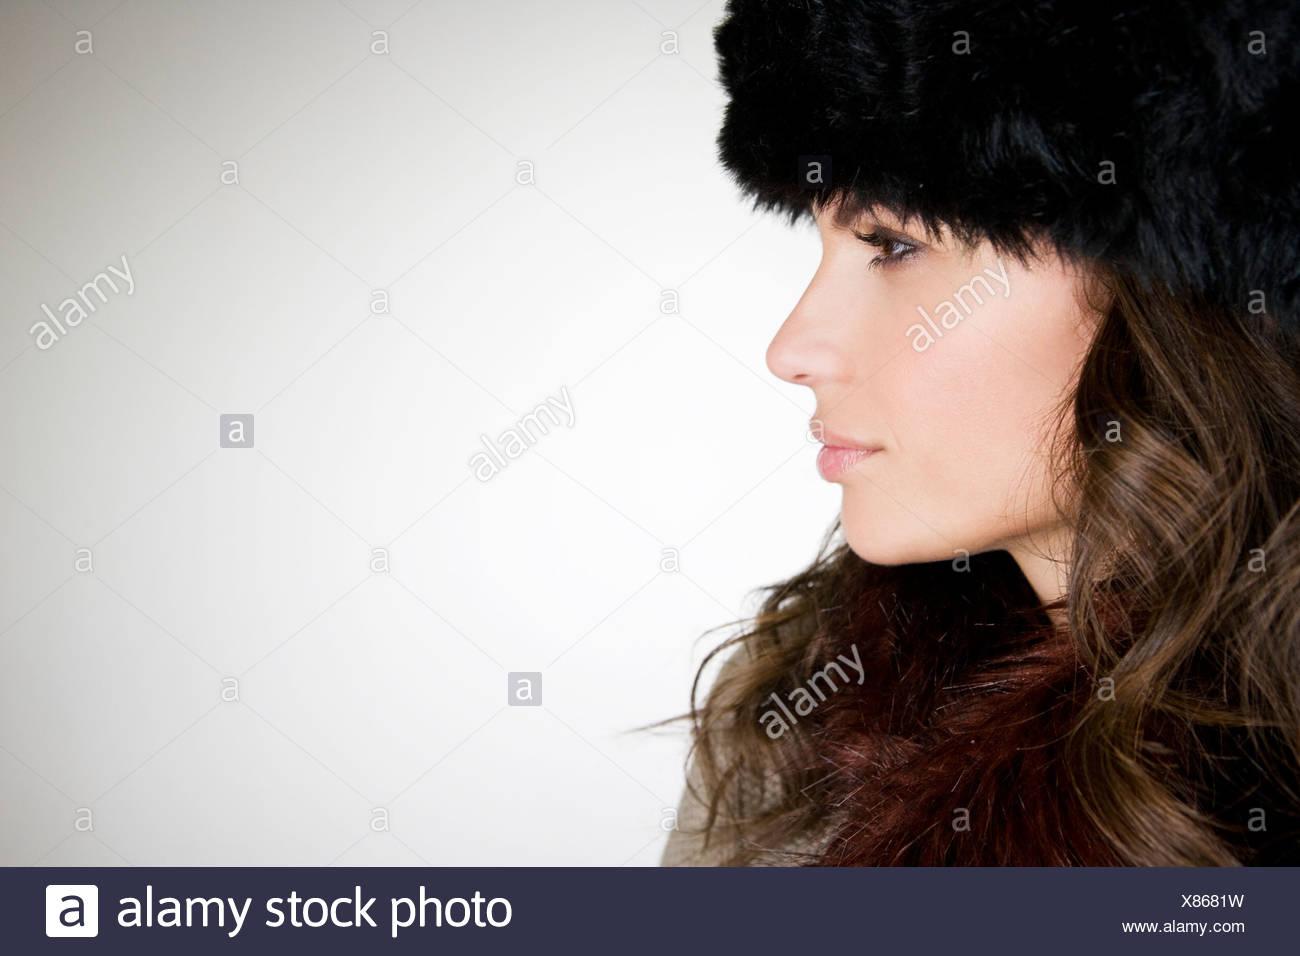 Una joven mujer vistiendo un sombrero de piel, sonriendo Imagen De Stock